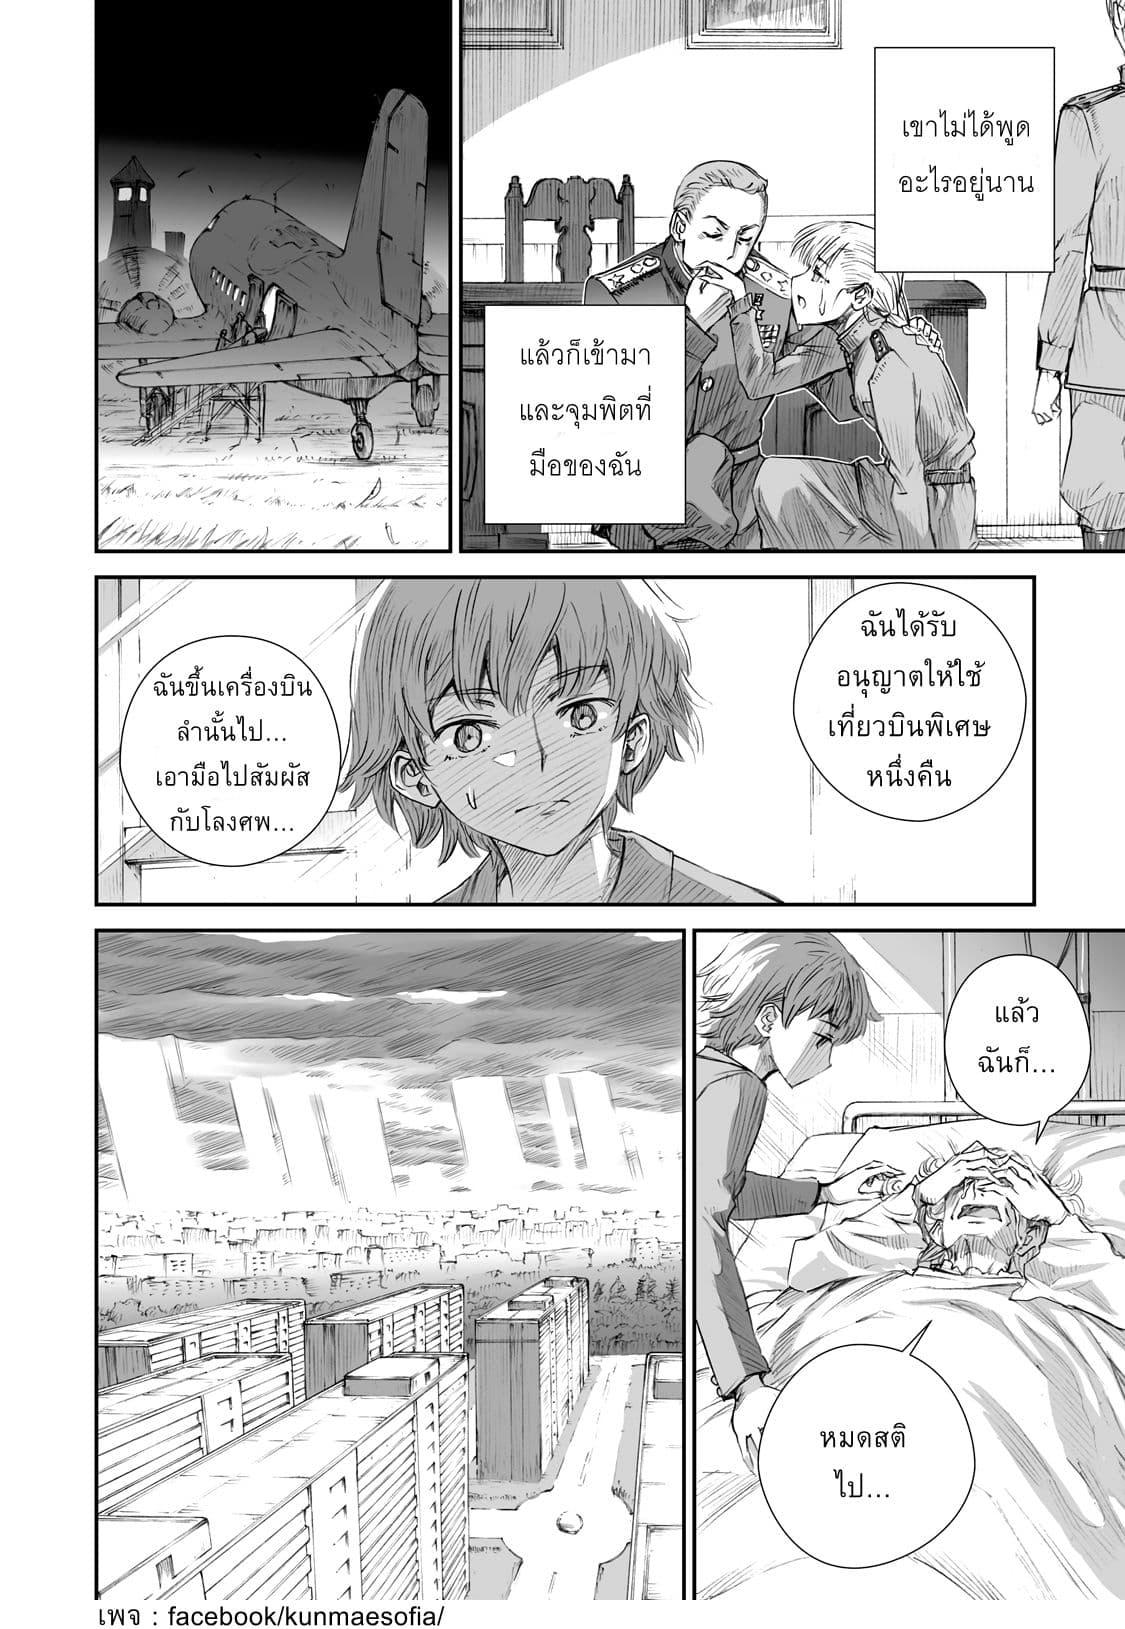 อ่านการ์ตูน Senso wa onna no kao o shite inai ตอนที่ 2 หน้าที่ 26